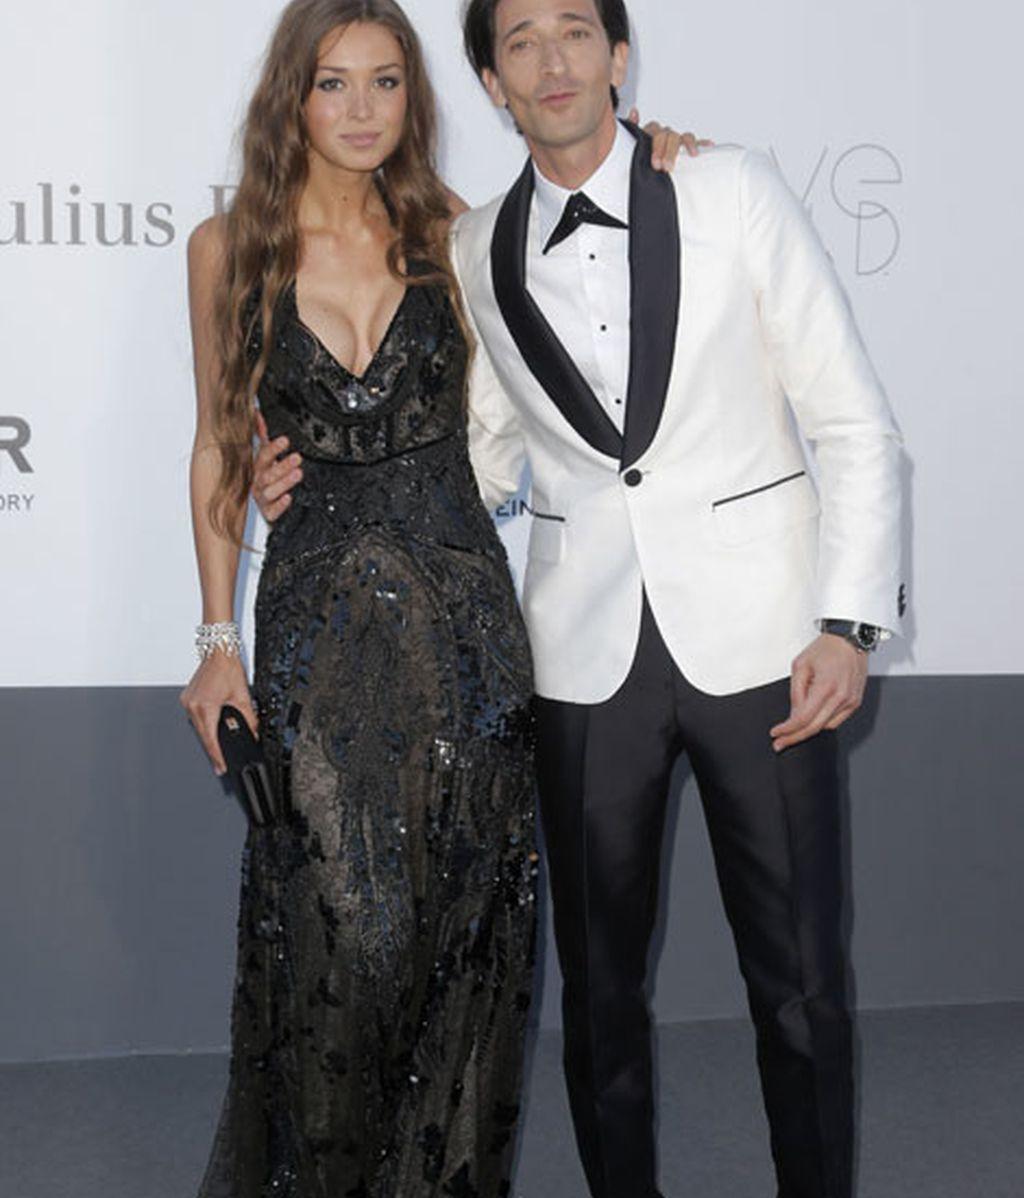 Adrien Brody acudió con su chica, Lara Lieto